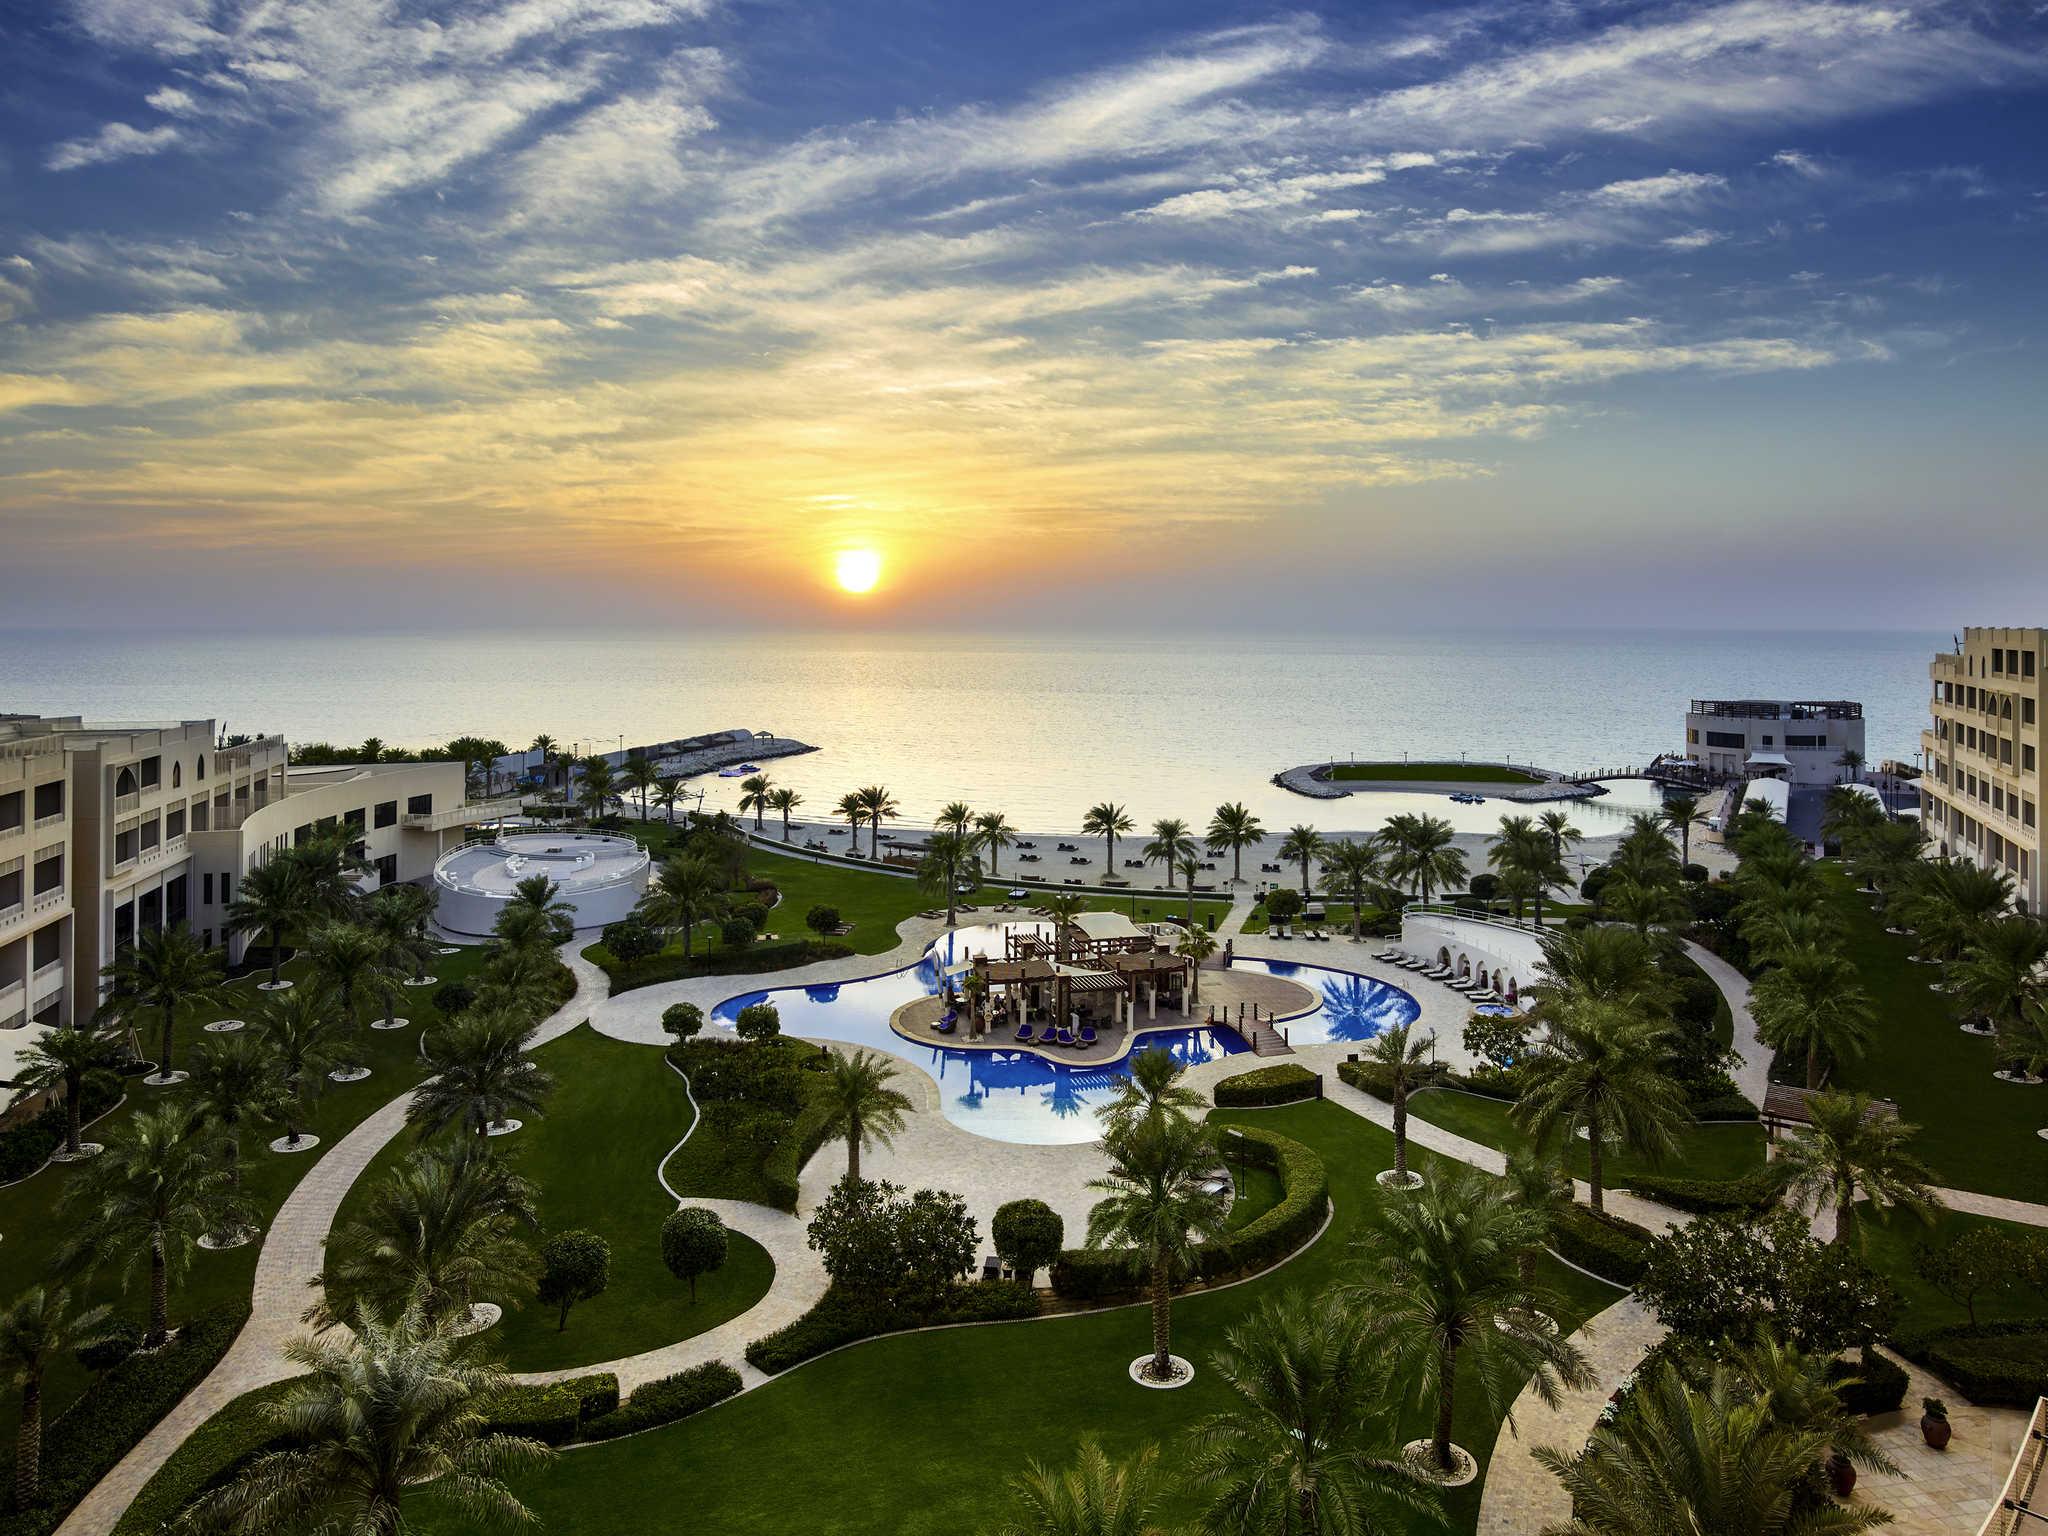 Otel – Sofitel Bahrain Zallaq Thalassa sea & spa